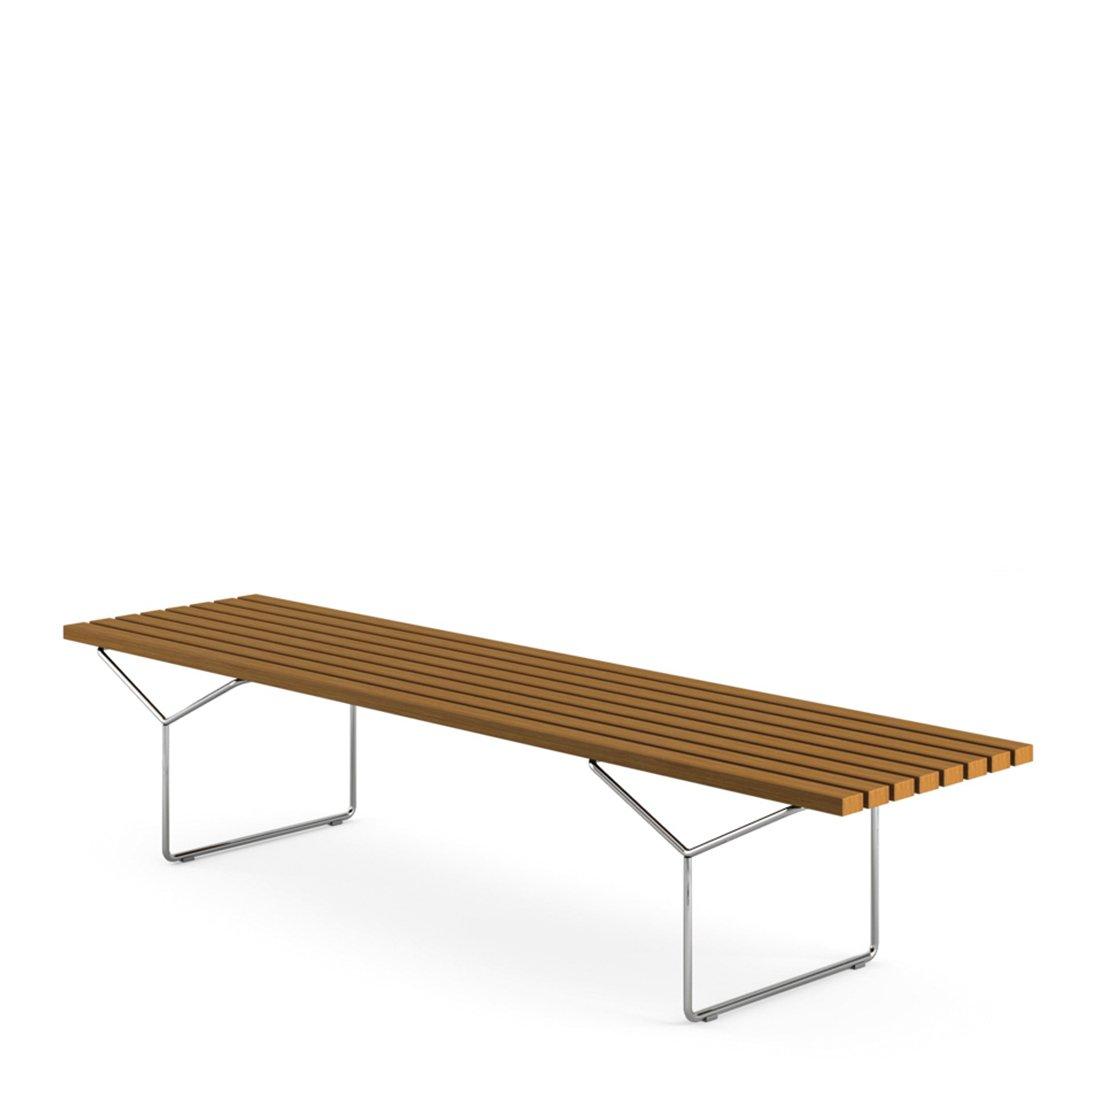 Knoll Outdoor Bertoia Bench - Teak/RVS